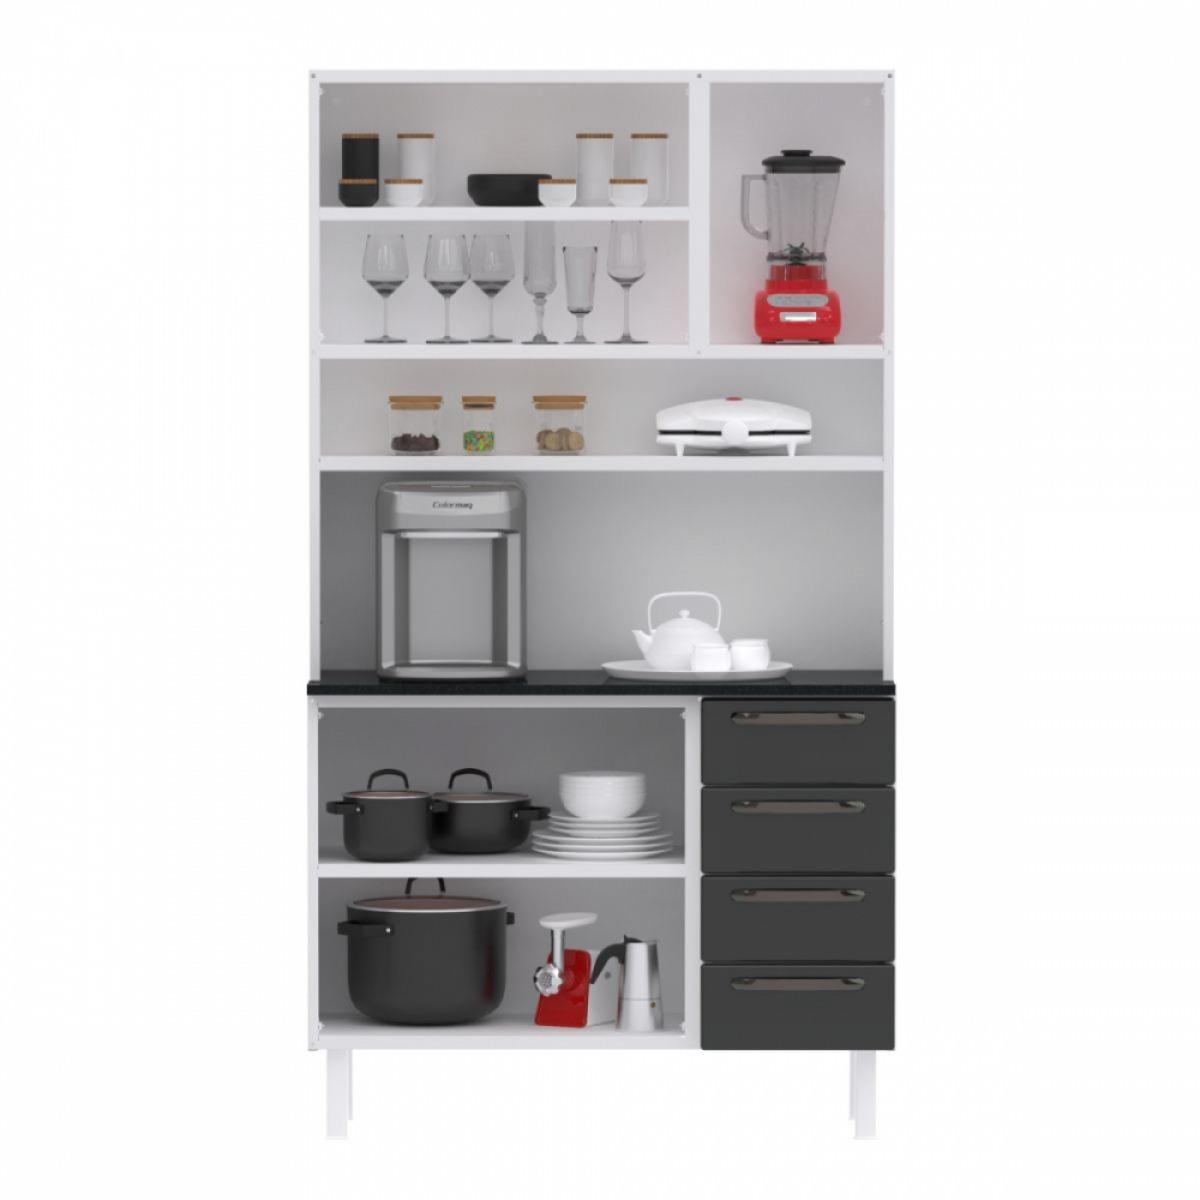 Kit de Cozinha Colormaq Titanium 5 Portas, 4 Gavetas em Aço e Vidro